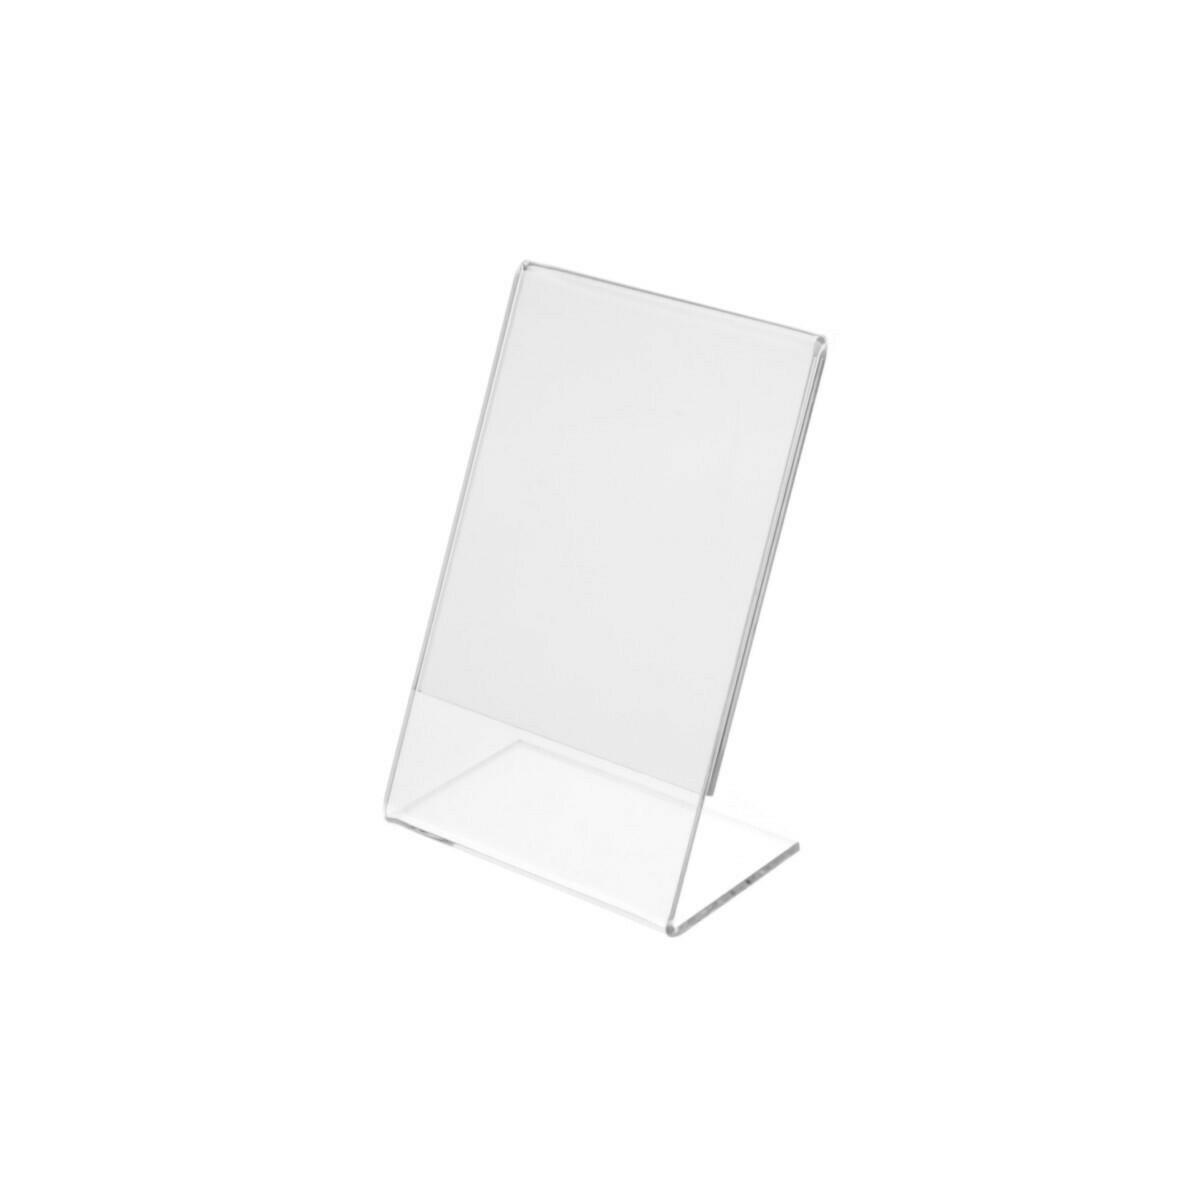 Porta prezzi / porta foto A7 IN PLEXIGLASS cm. L. 11 x H. 17,5 - set da 20 pezzi